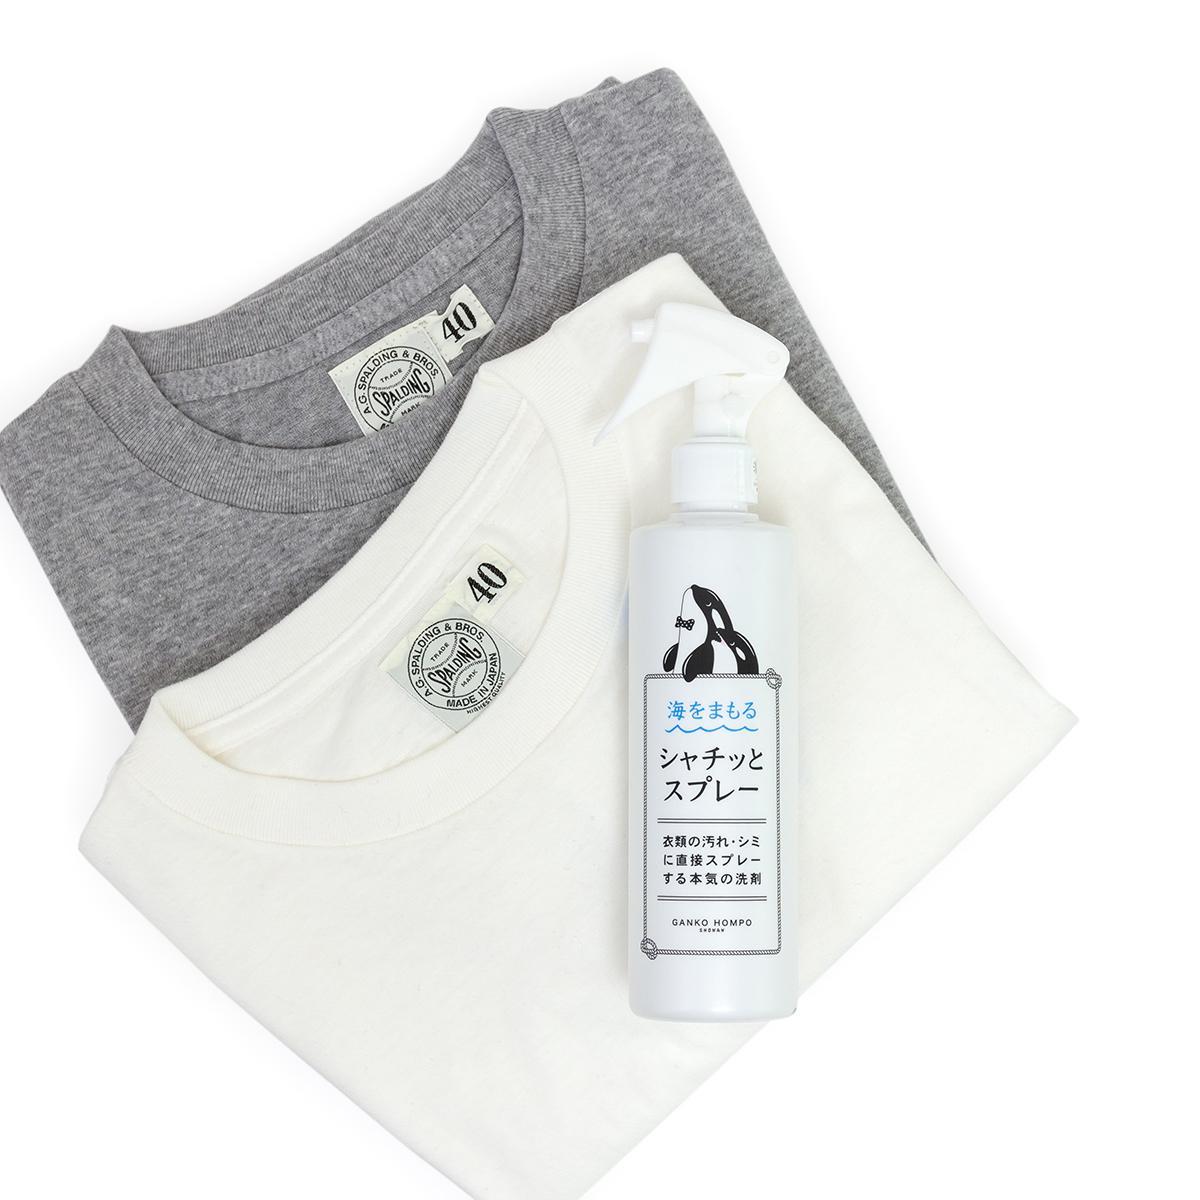 これ一つで綿もシルクもカシミヤも洗える。キャップ計量も計量なし・ベタつき知らずの環境に優しい汚れ落し用スプレー|海へ